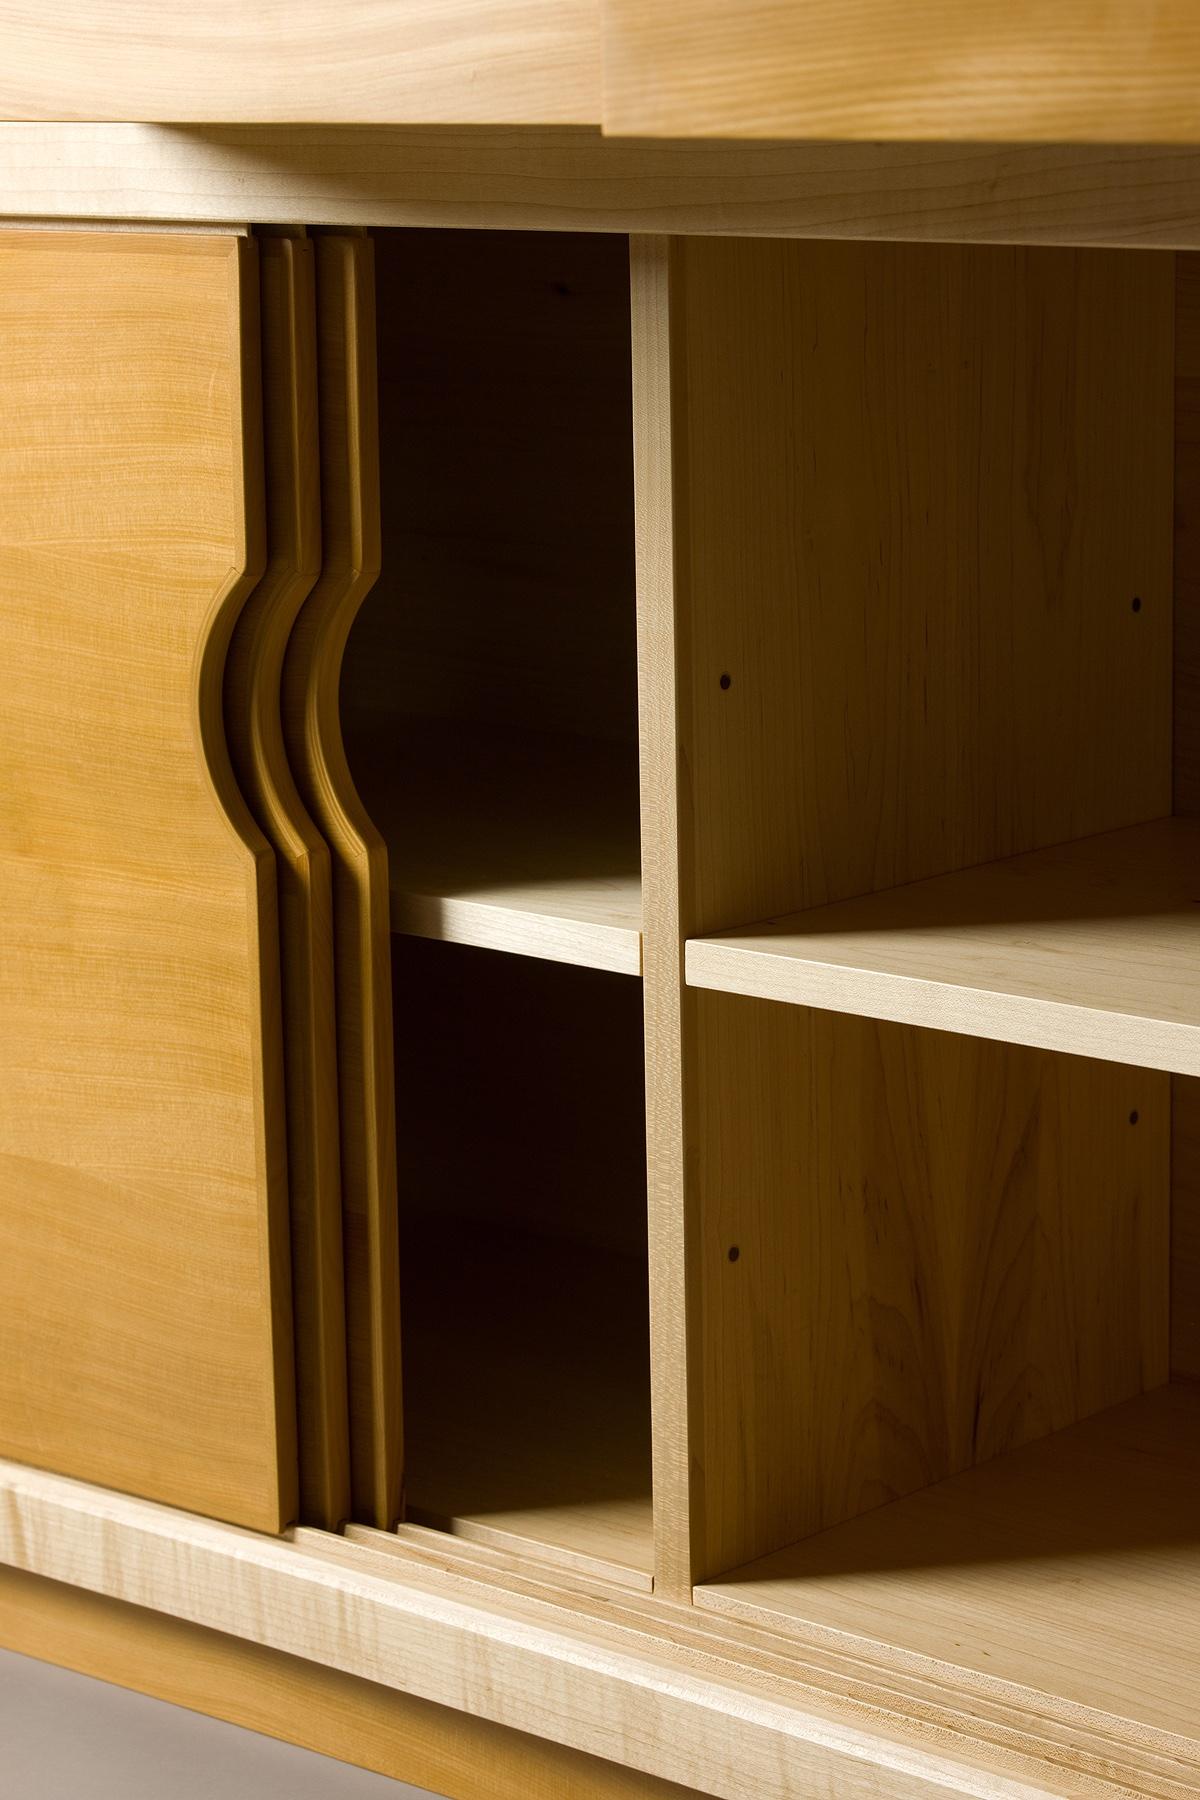 Sideboard6 copy.jpg